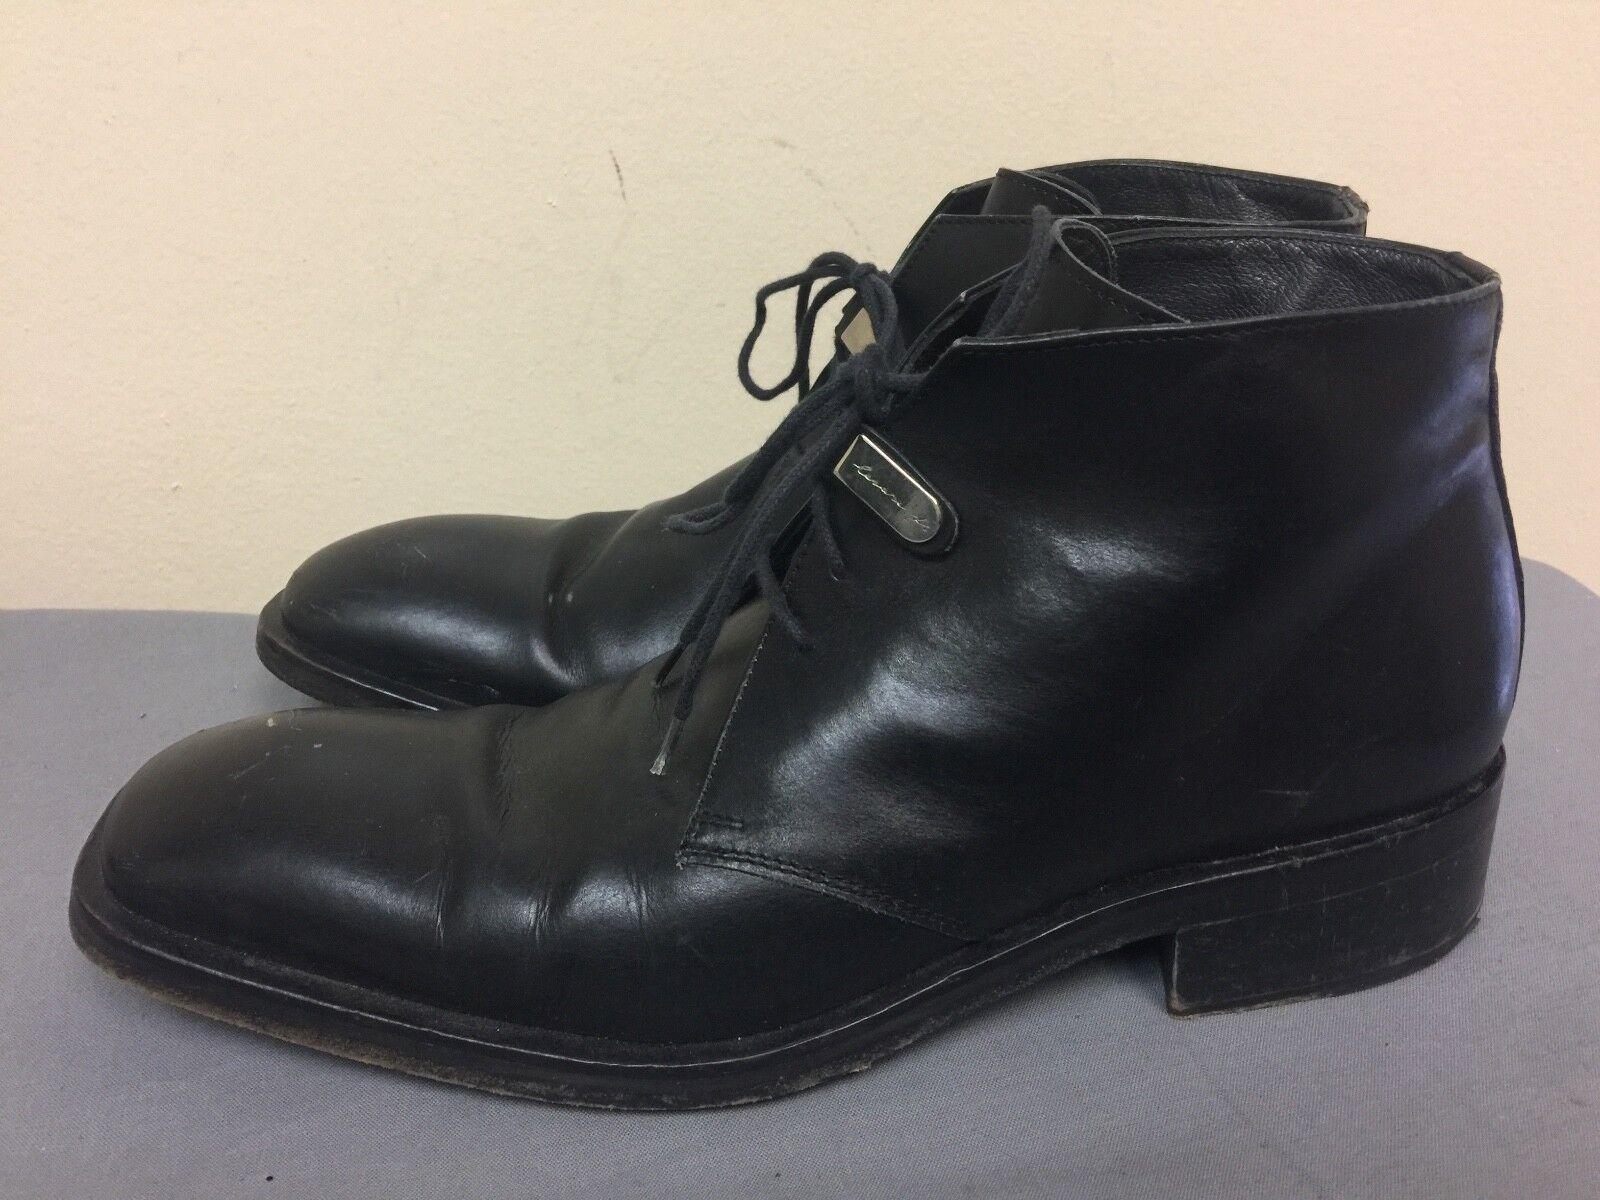 botas al Tobillo de Cuero Cesare Paciotti Vestido Zapatos Con Cordones Negro Sz 8 US Italia